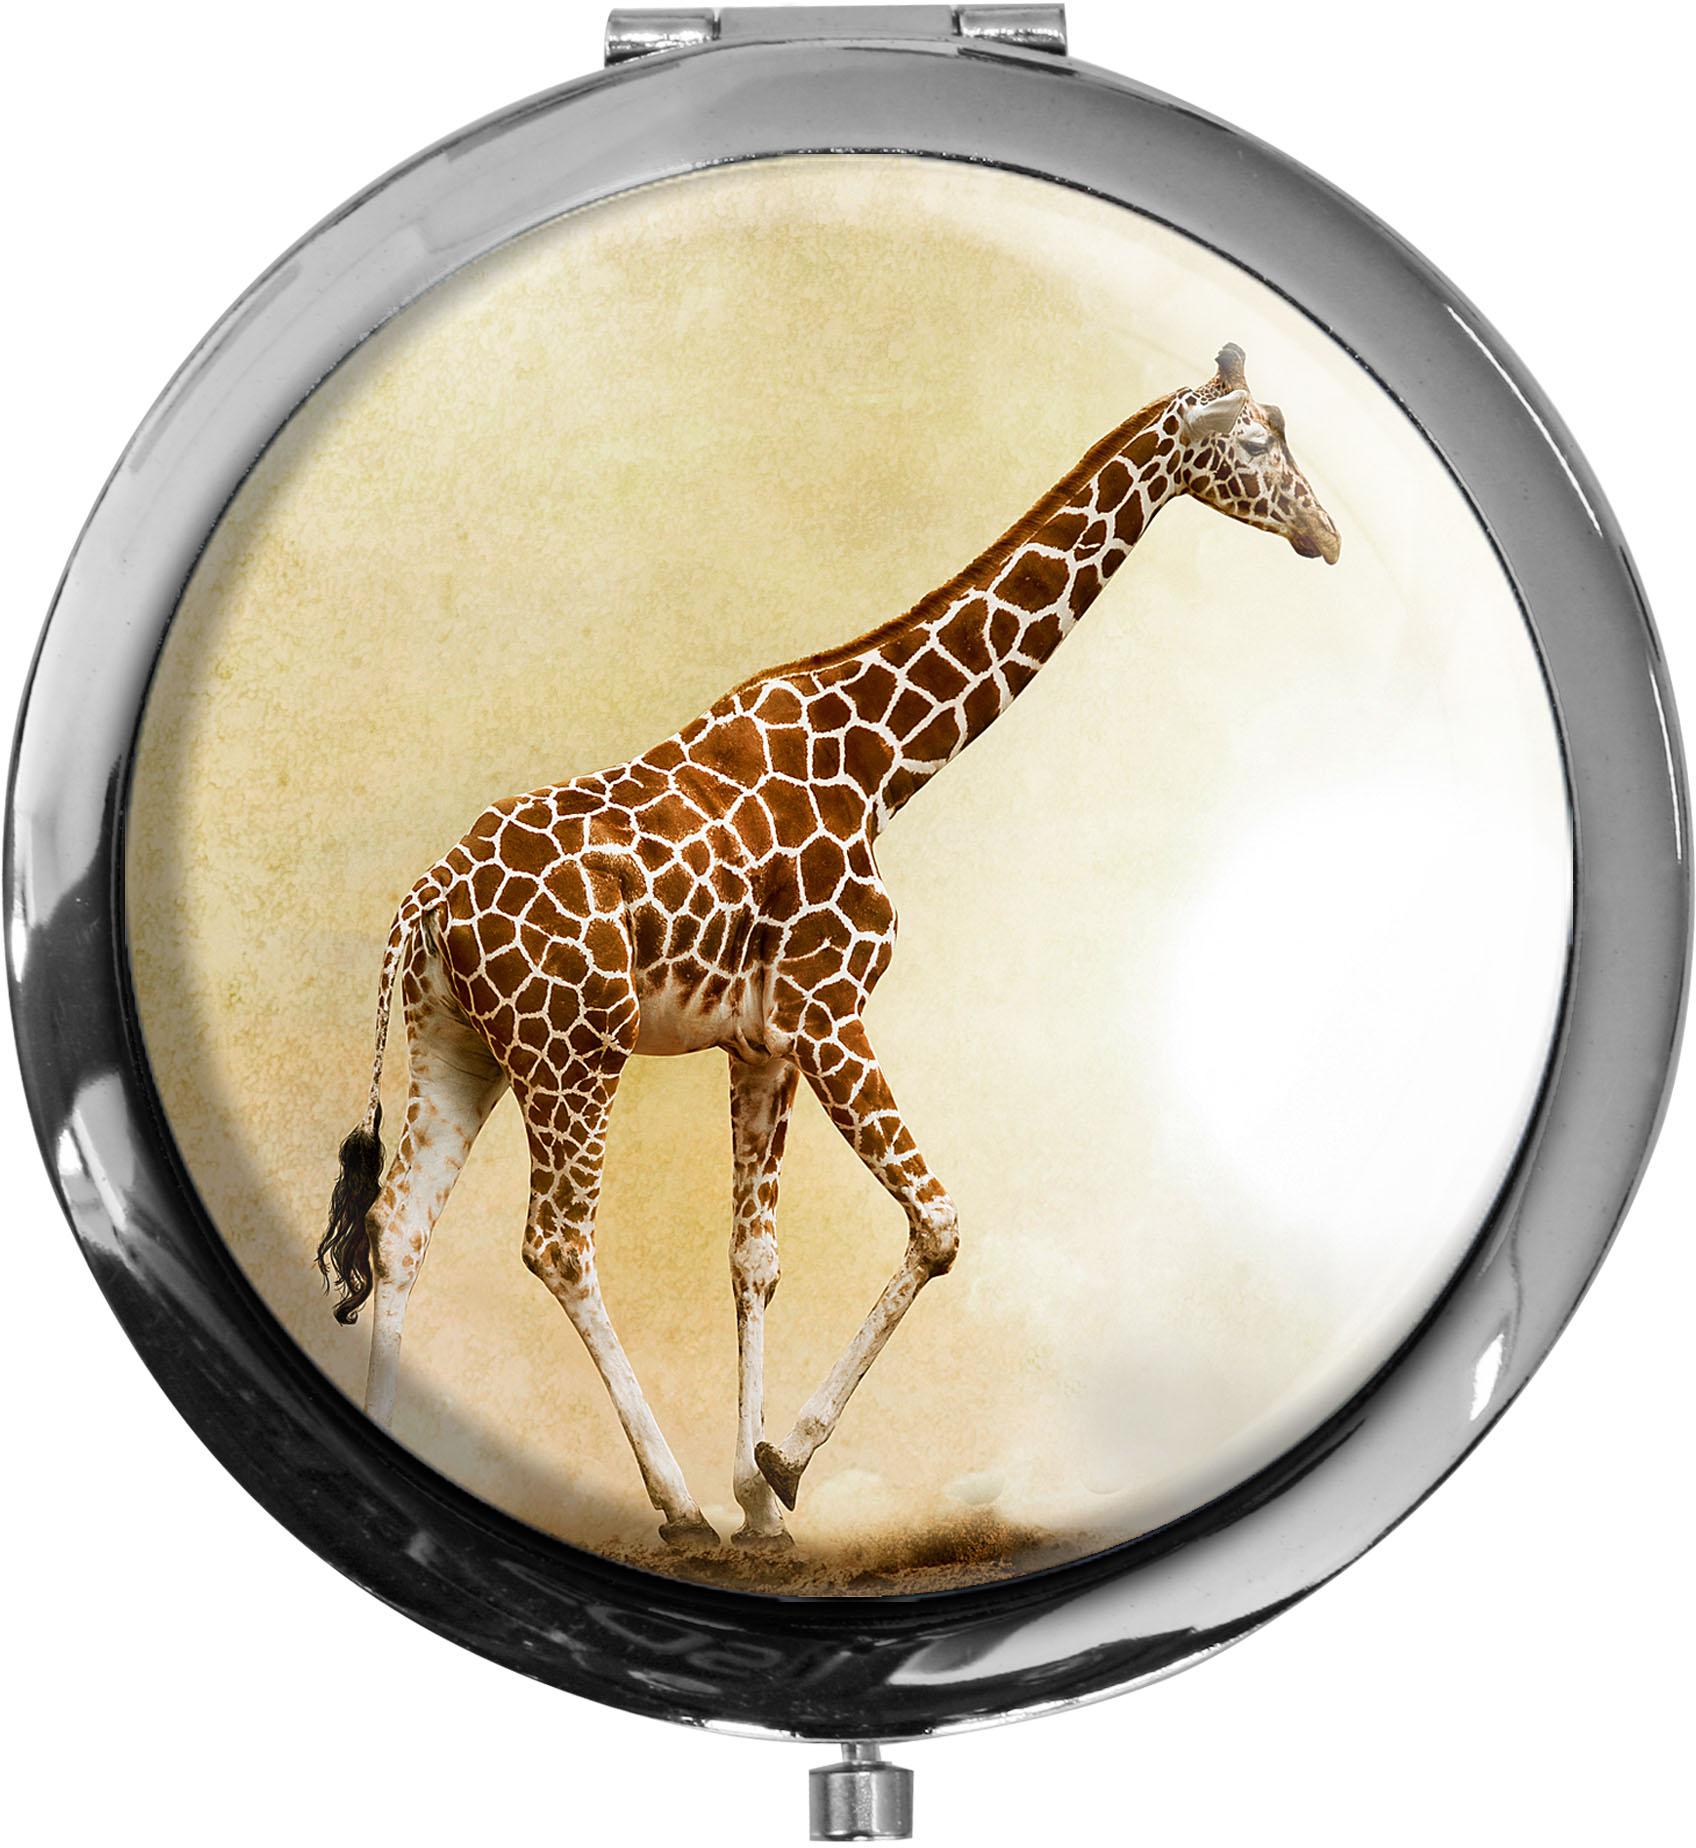 Taschenspiegel / Spiegel / Giraffe / Wildtiere